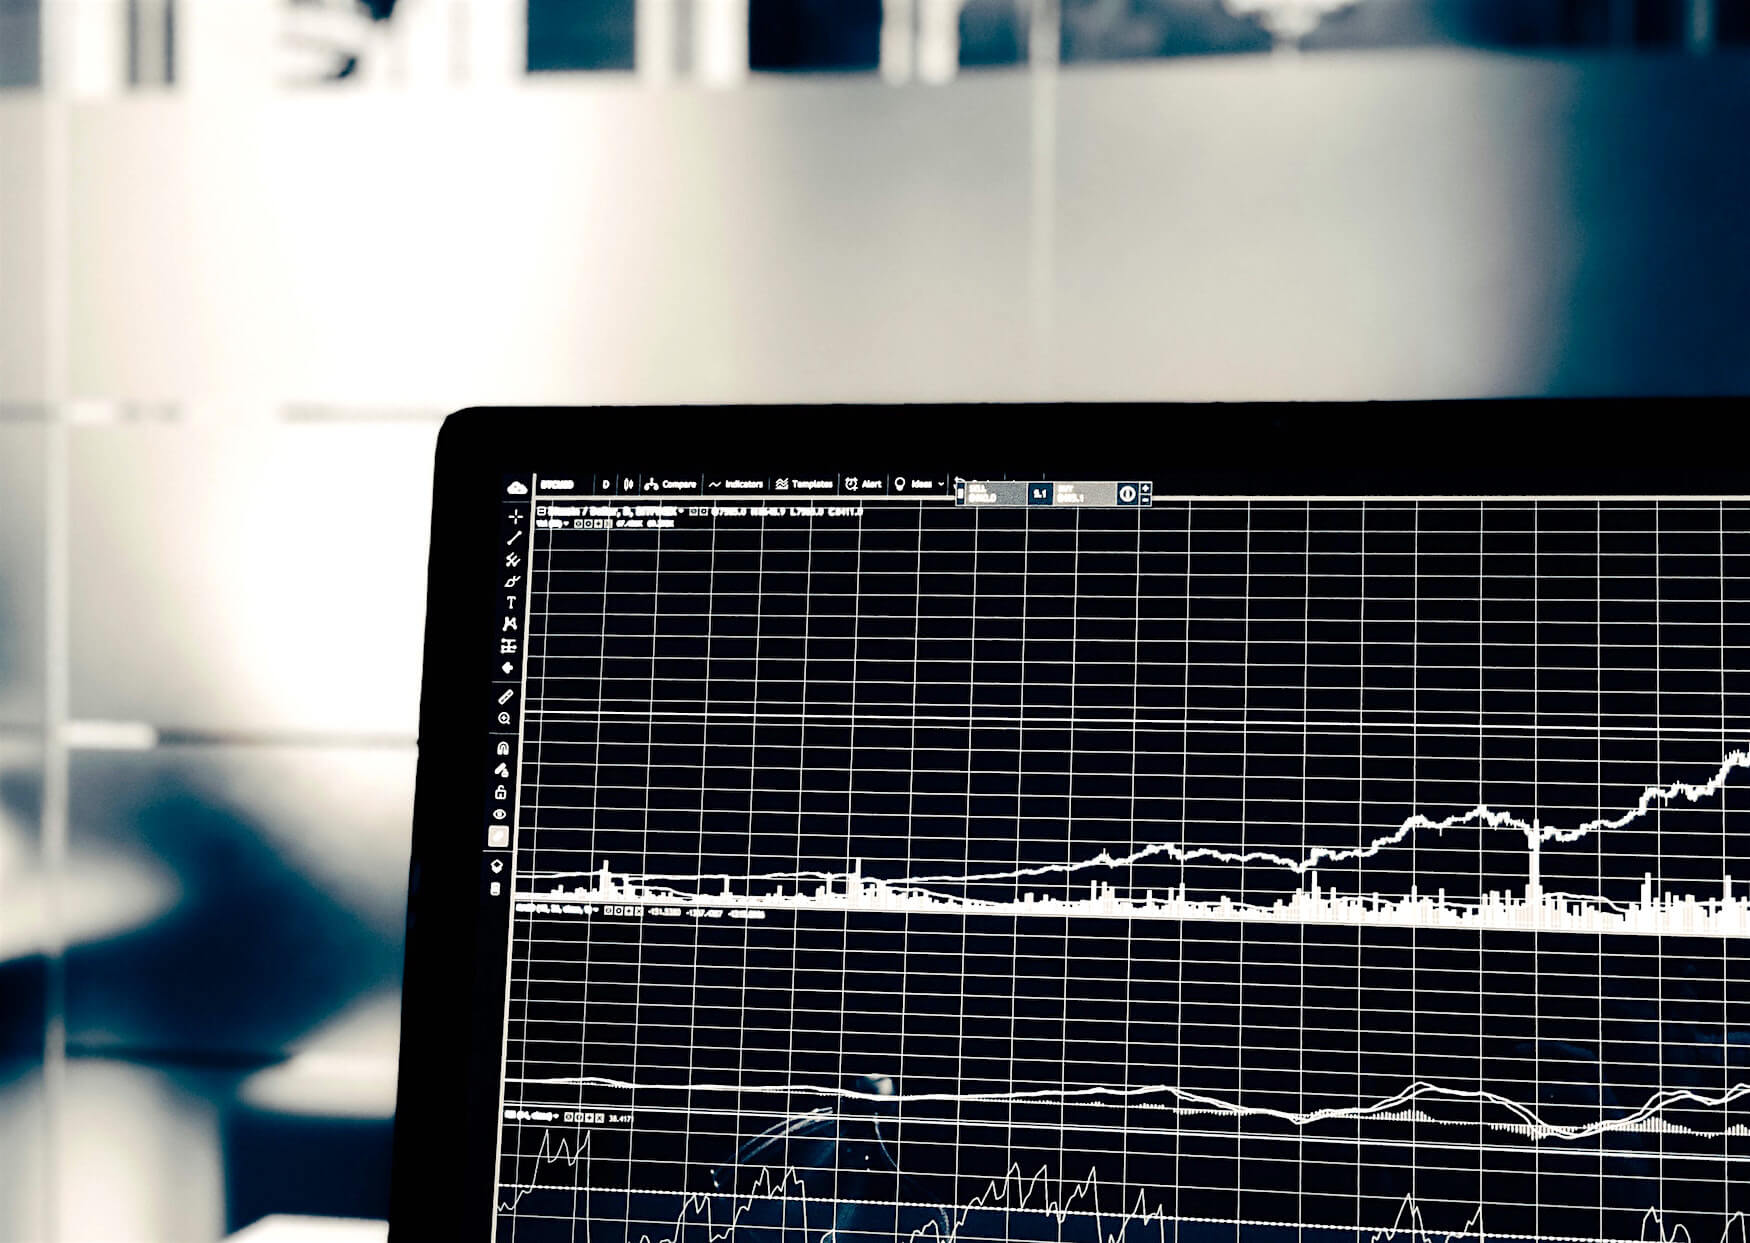 Toolbox для исследователей — выпуск первый: самоорганизация и визуализация данных - 1